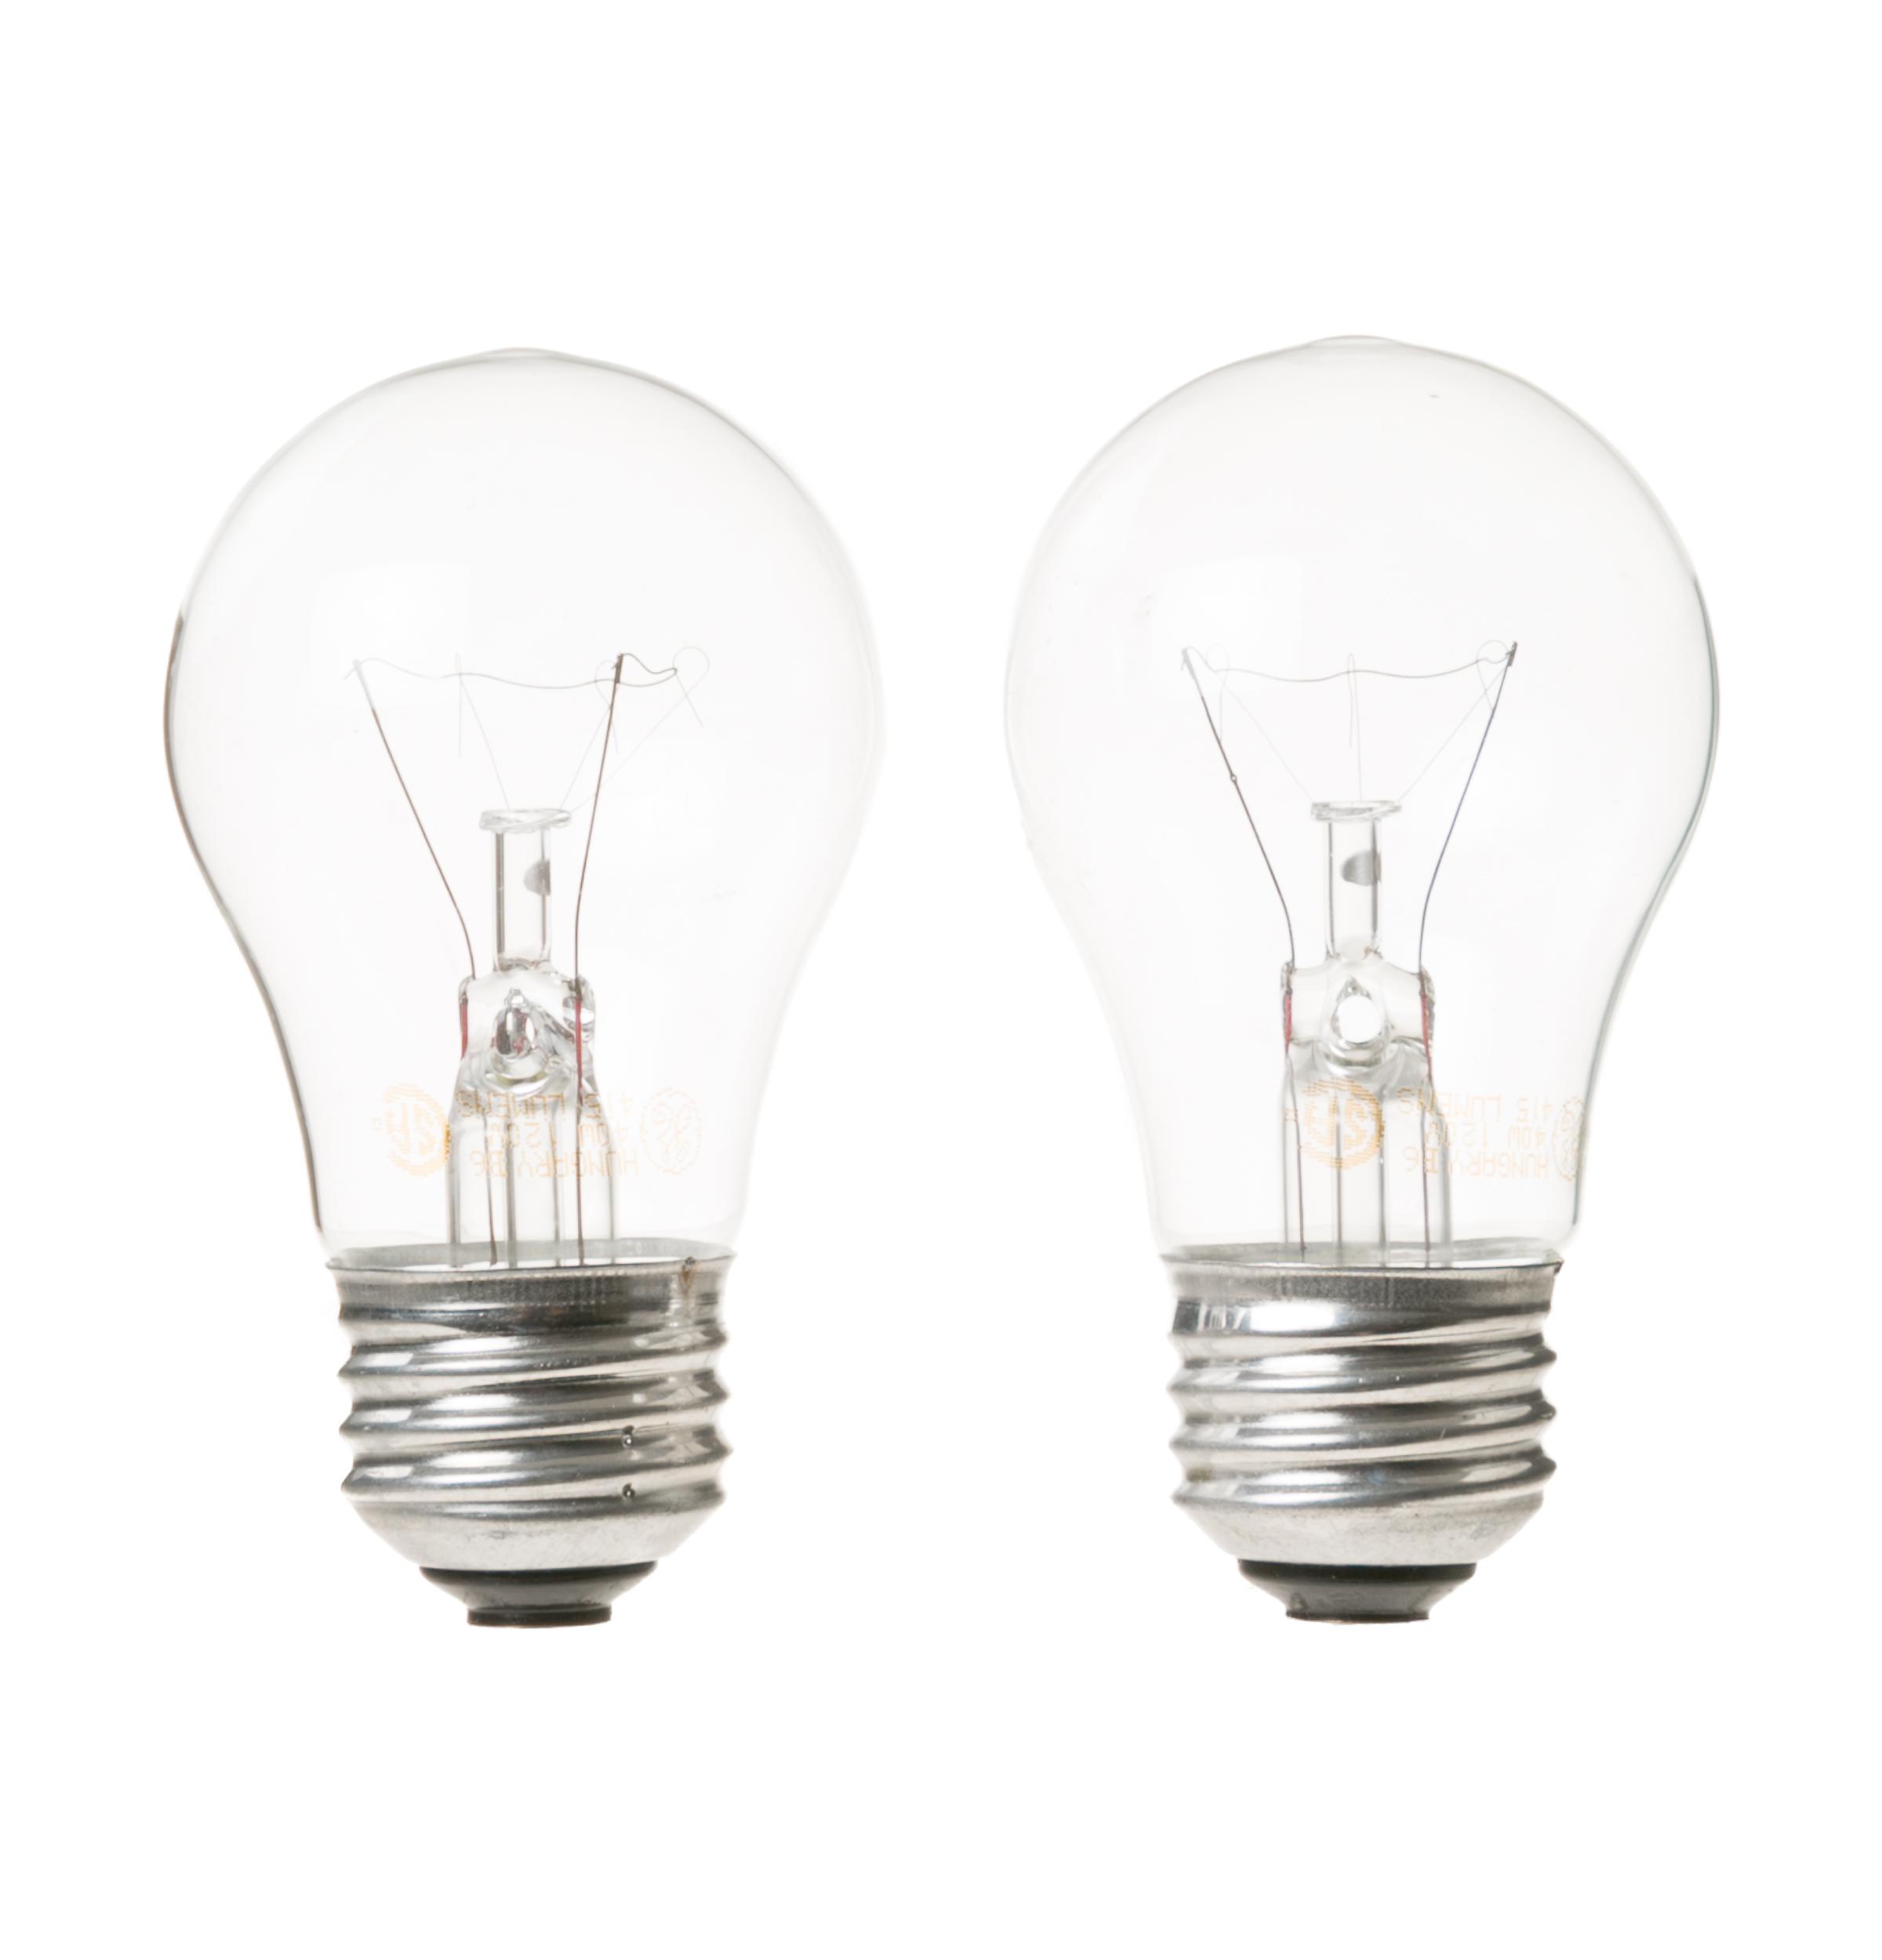 Ge Pfsf6pkxdbb Light Bulb 40 Watts 2 Pack